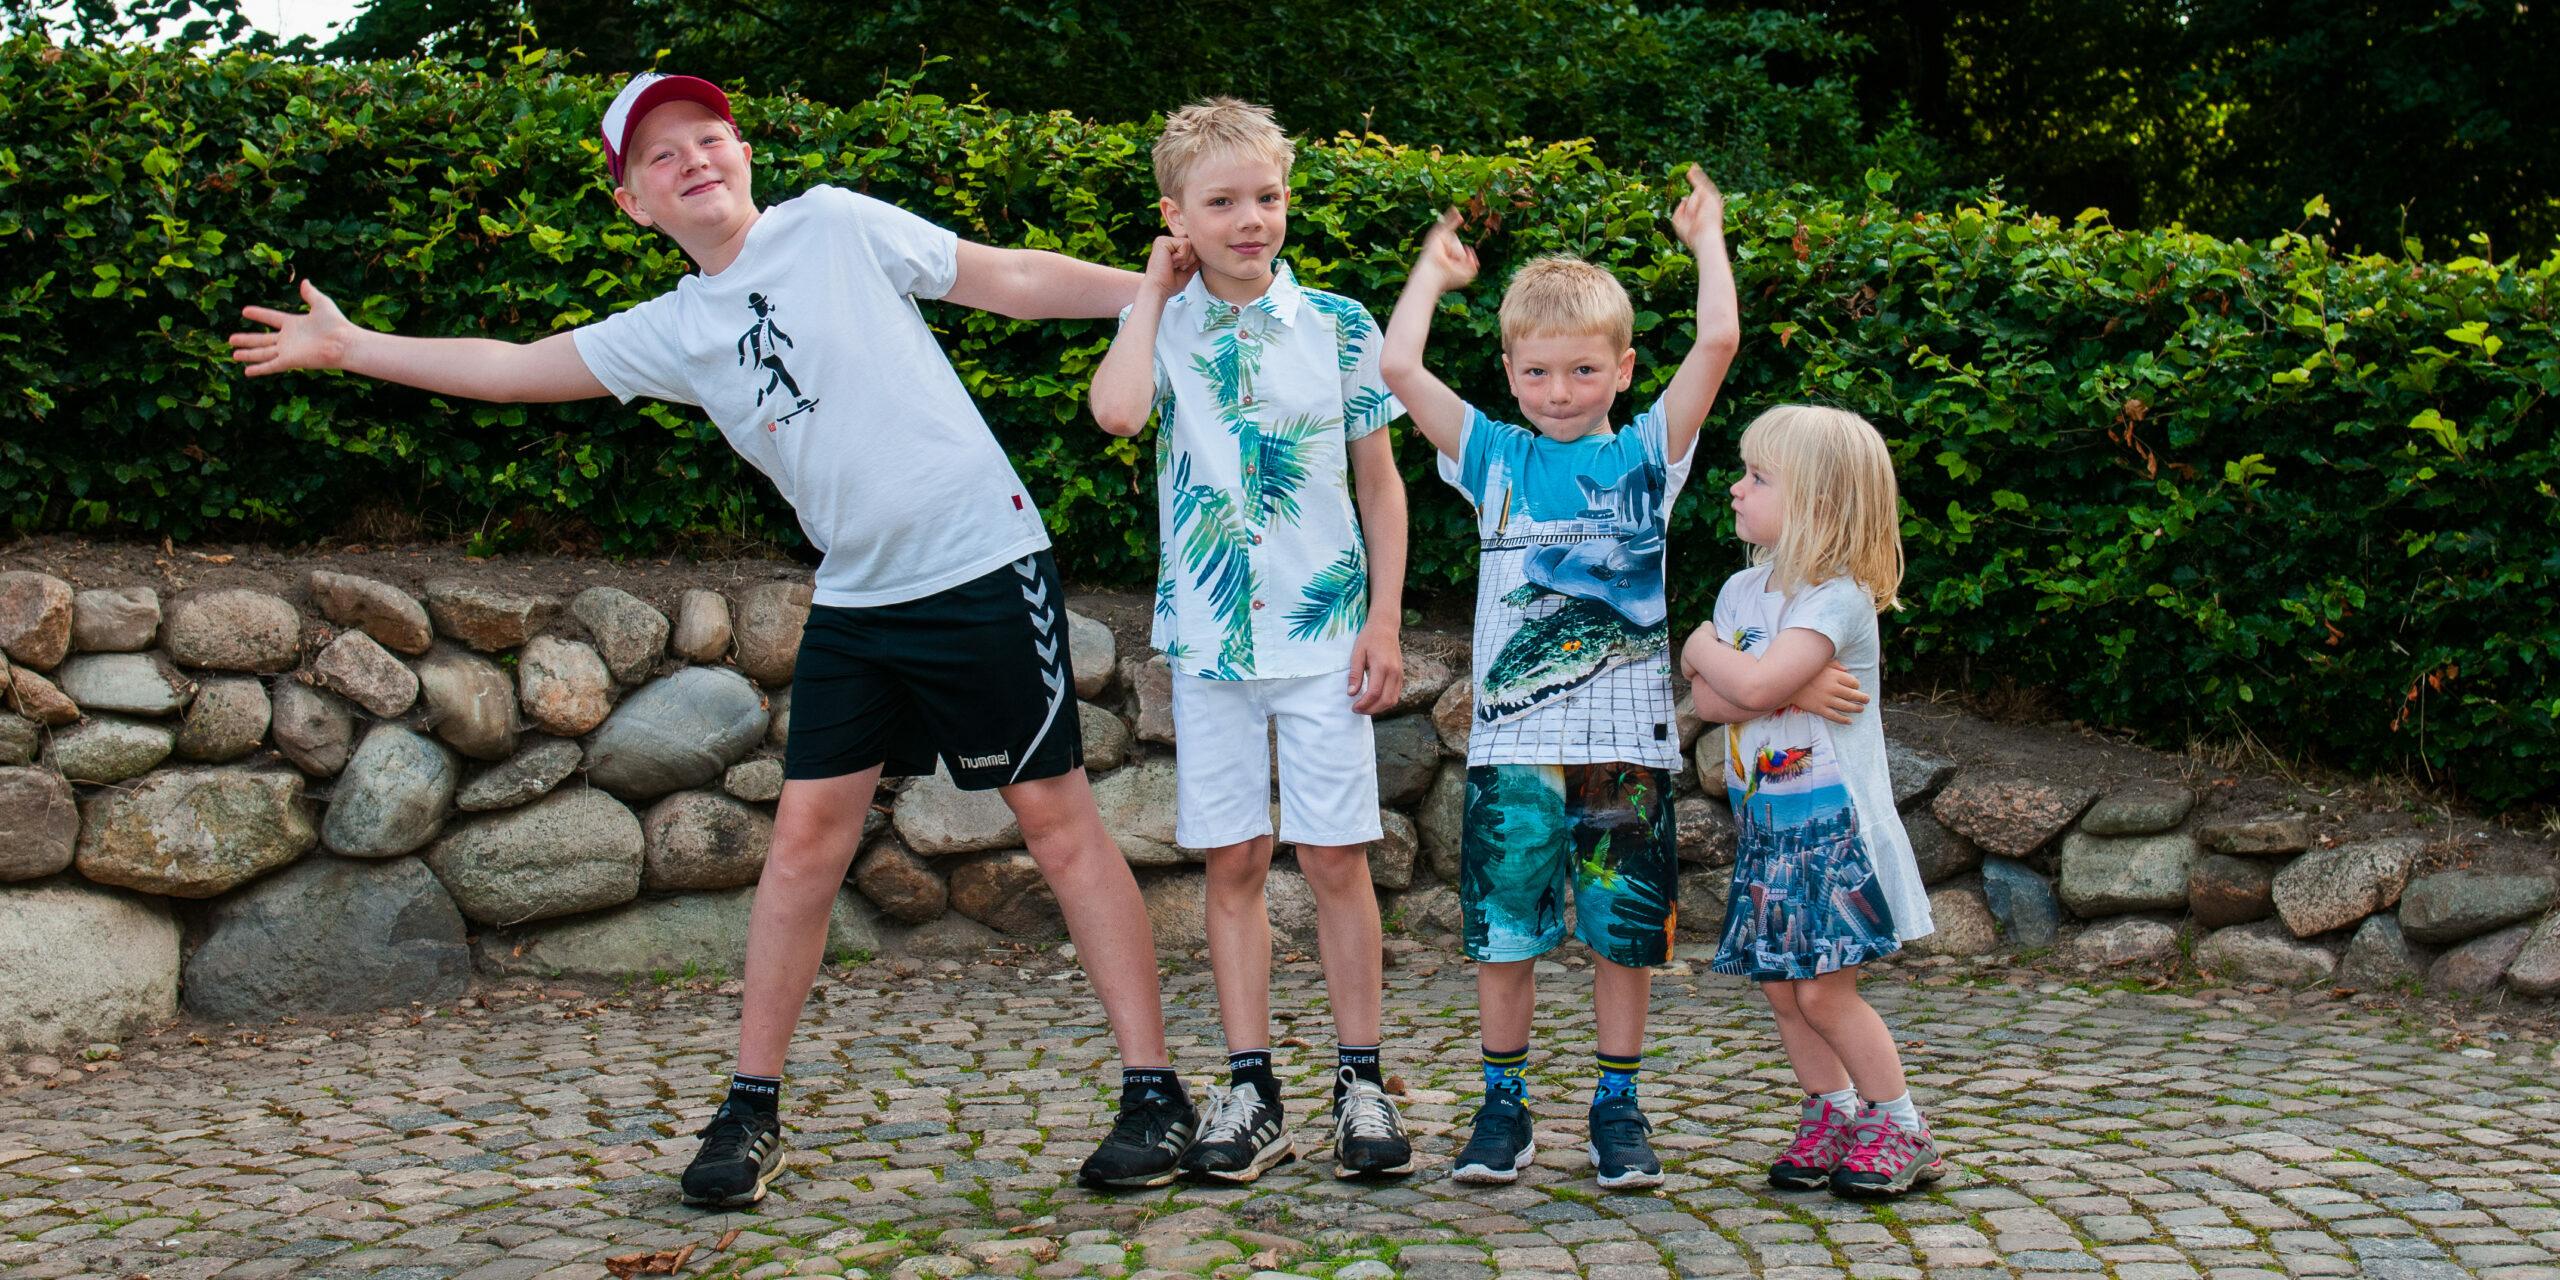 Fotofortælling fra Eventyrstema på Kirkebakke Skolen, Vejle